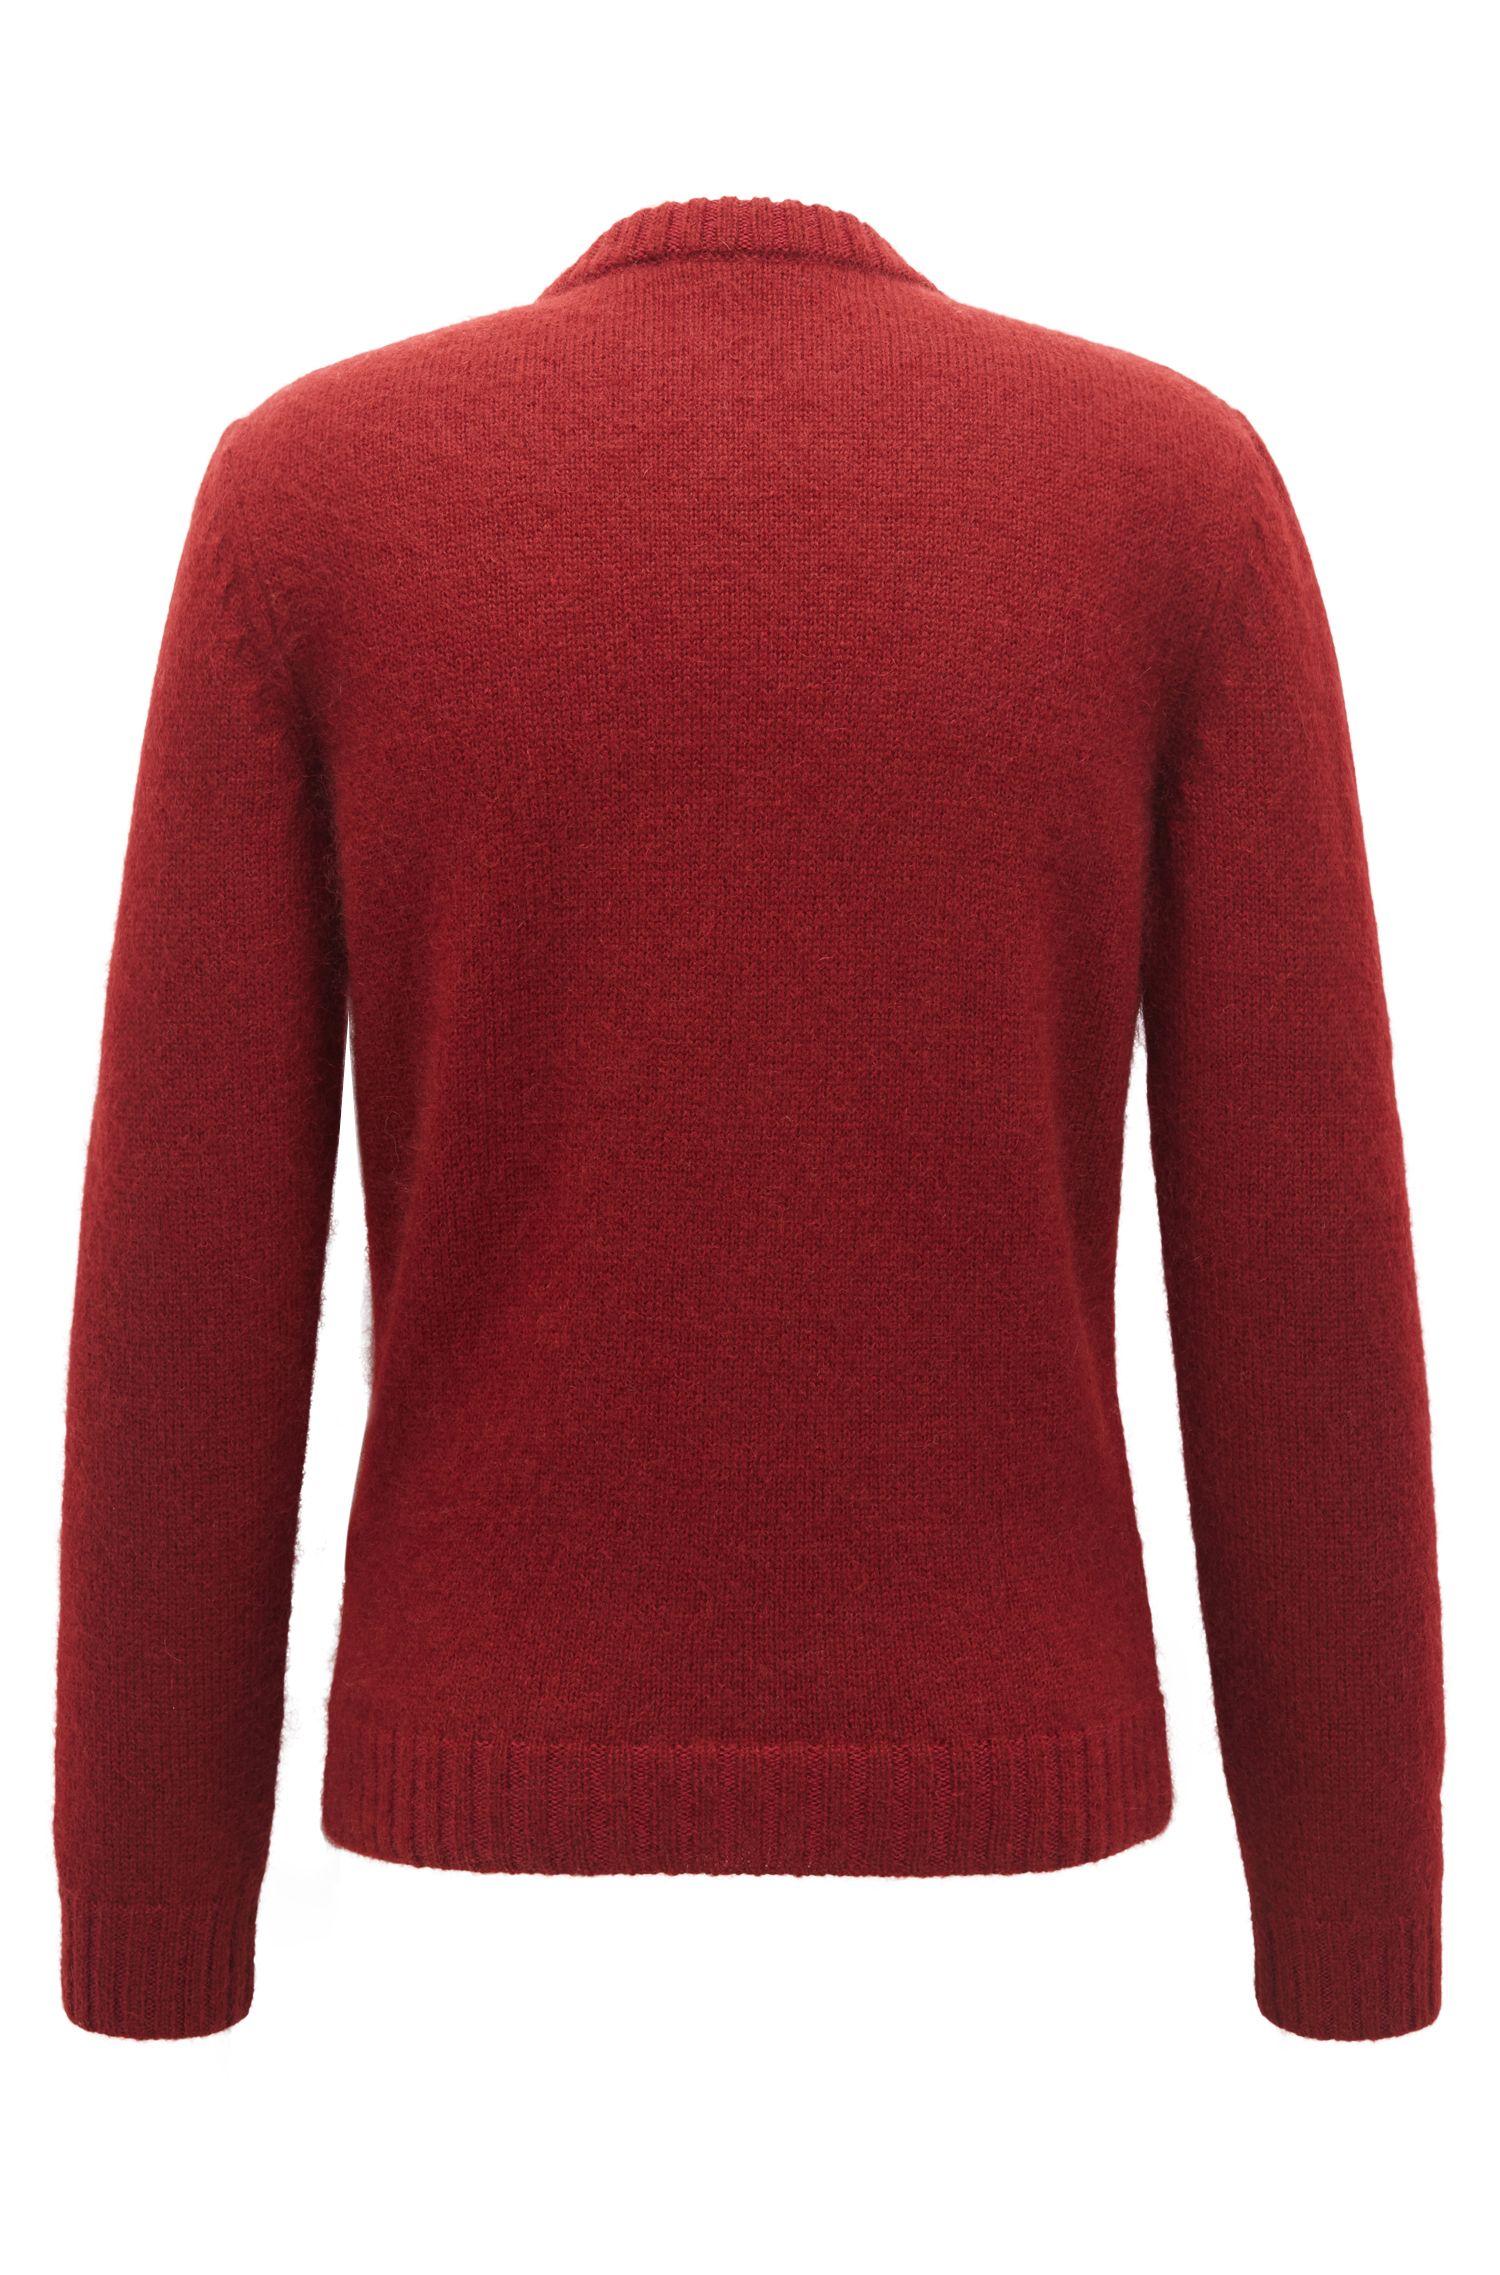 Maglione a girocollo a più lavorazioni realizzato in Germania, Rosso scuro